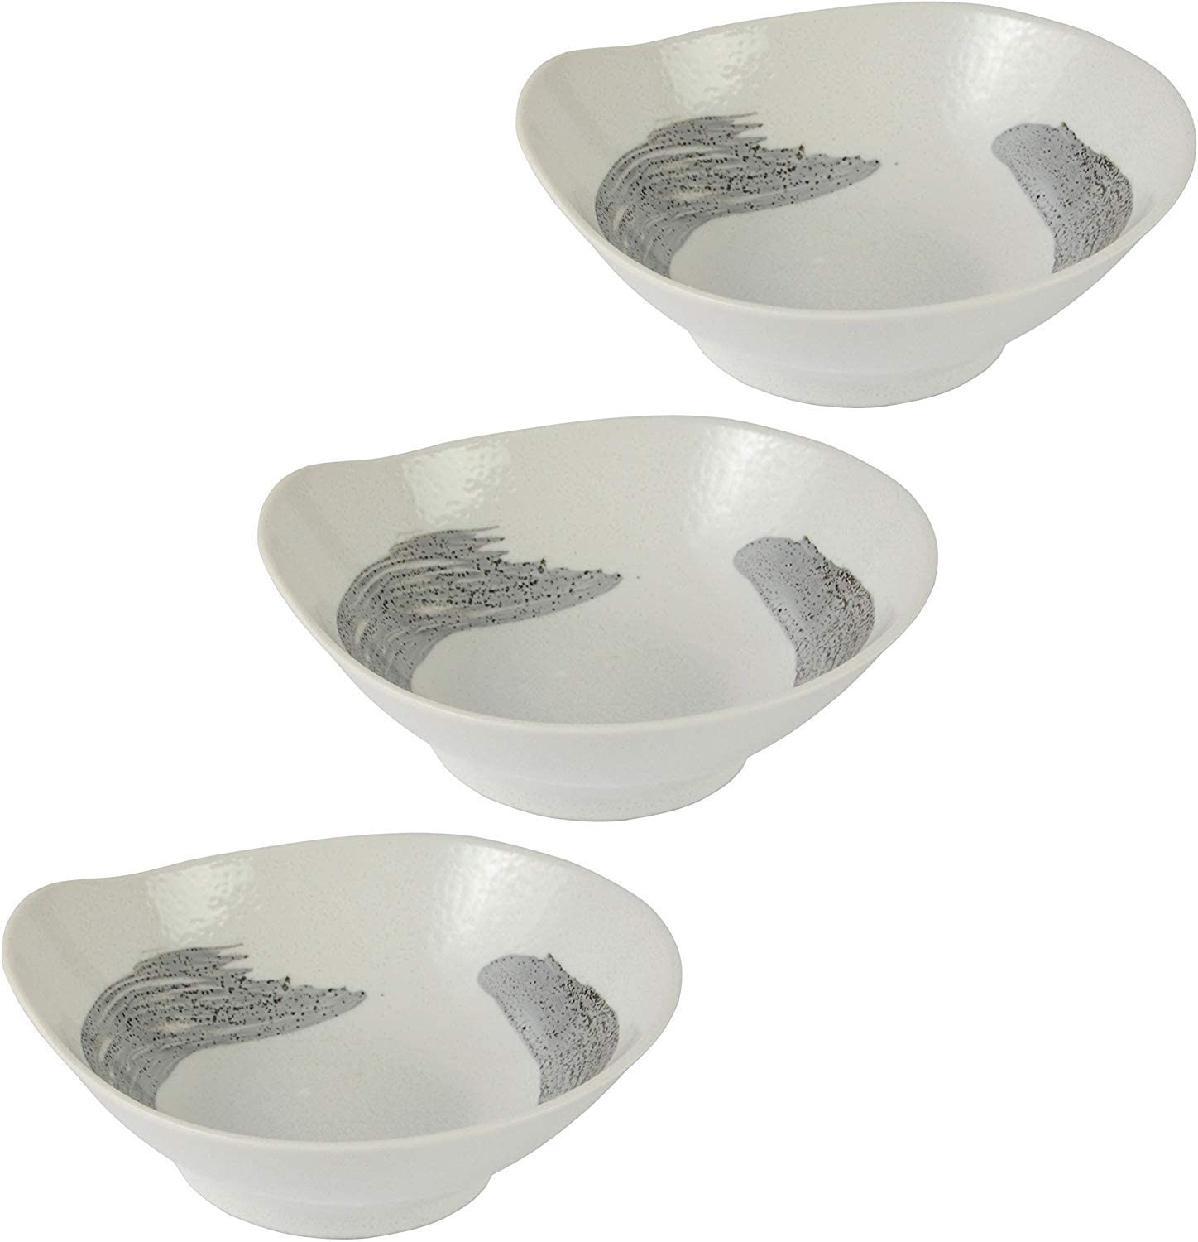 みのる陶器(ミノルトウキ) 美濃焼 粉引刷毛目 とんすい 3個セットの商品画像